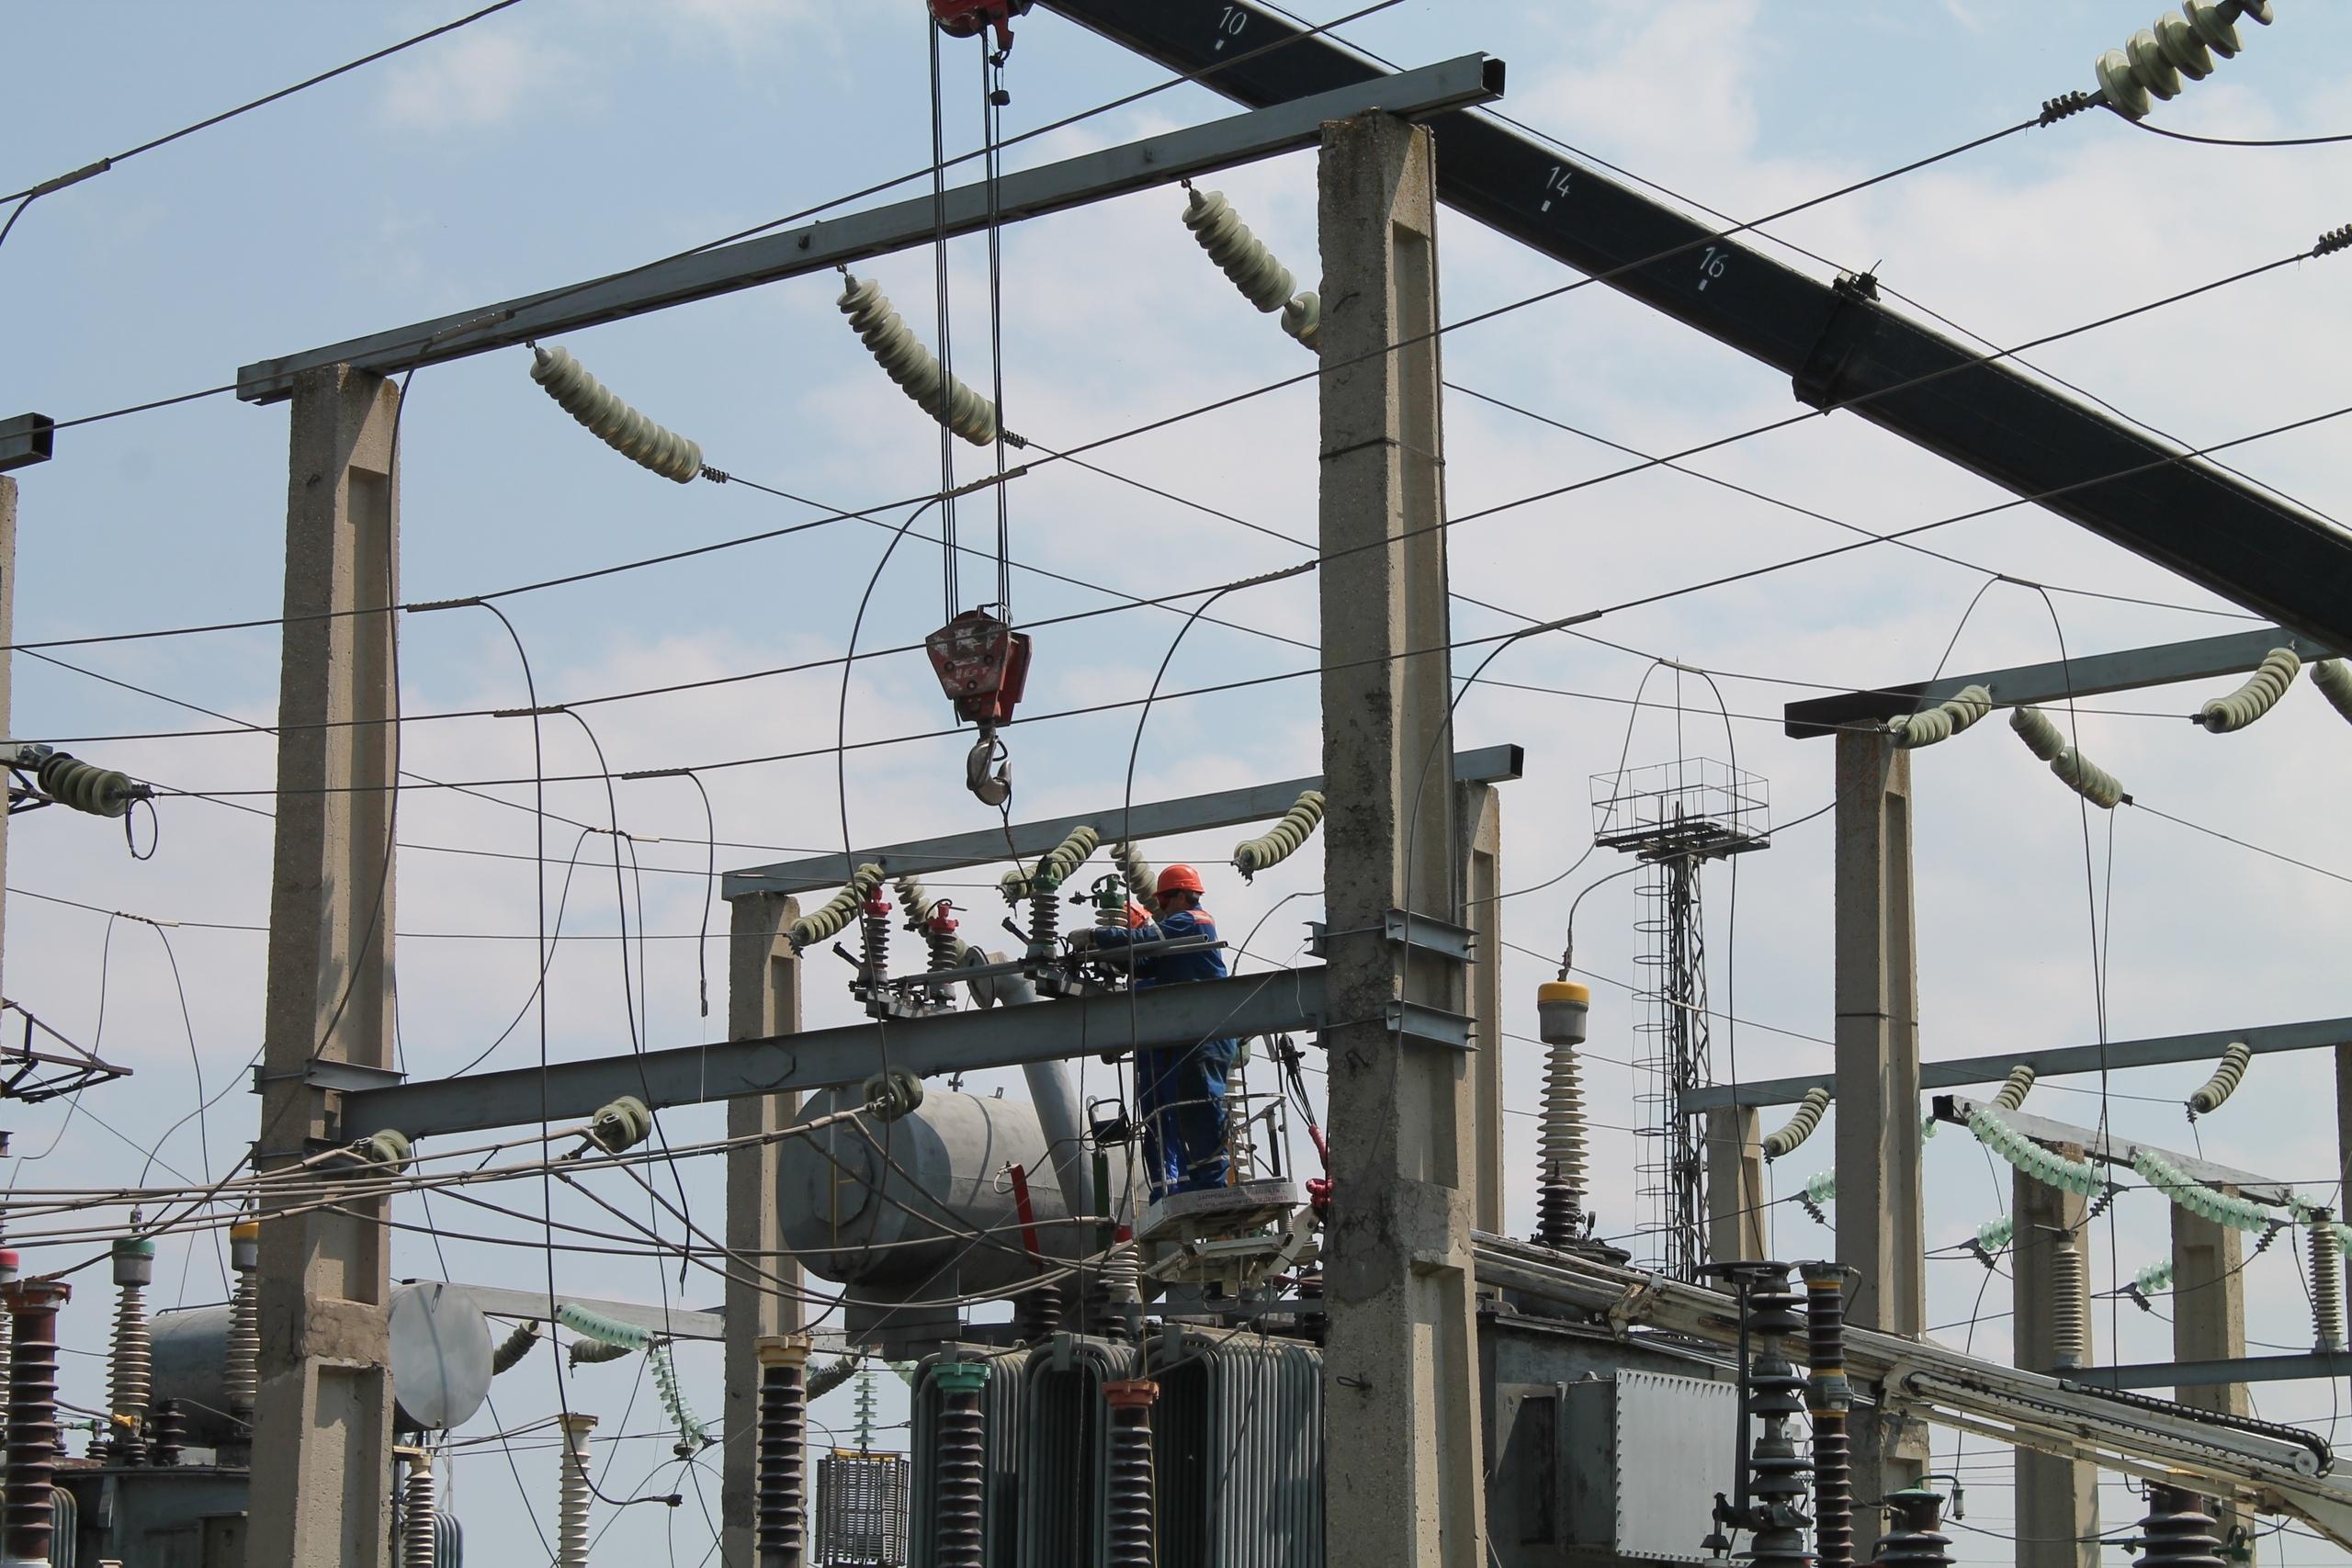 Потребителей элетроэнергии в Зеленчукской, Курджиново, Николаевском и Привольном отключат от электроэнергии в КЧР